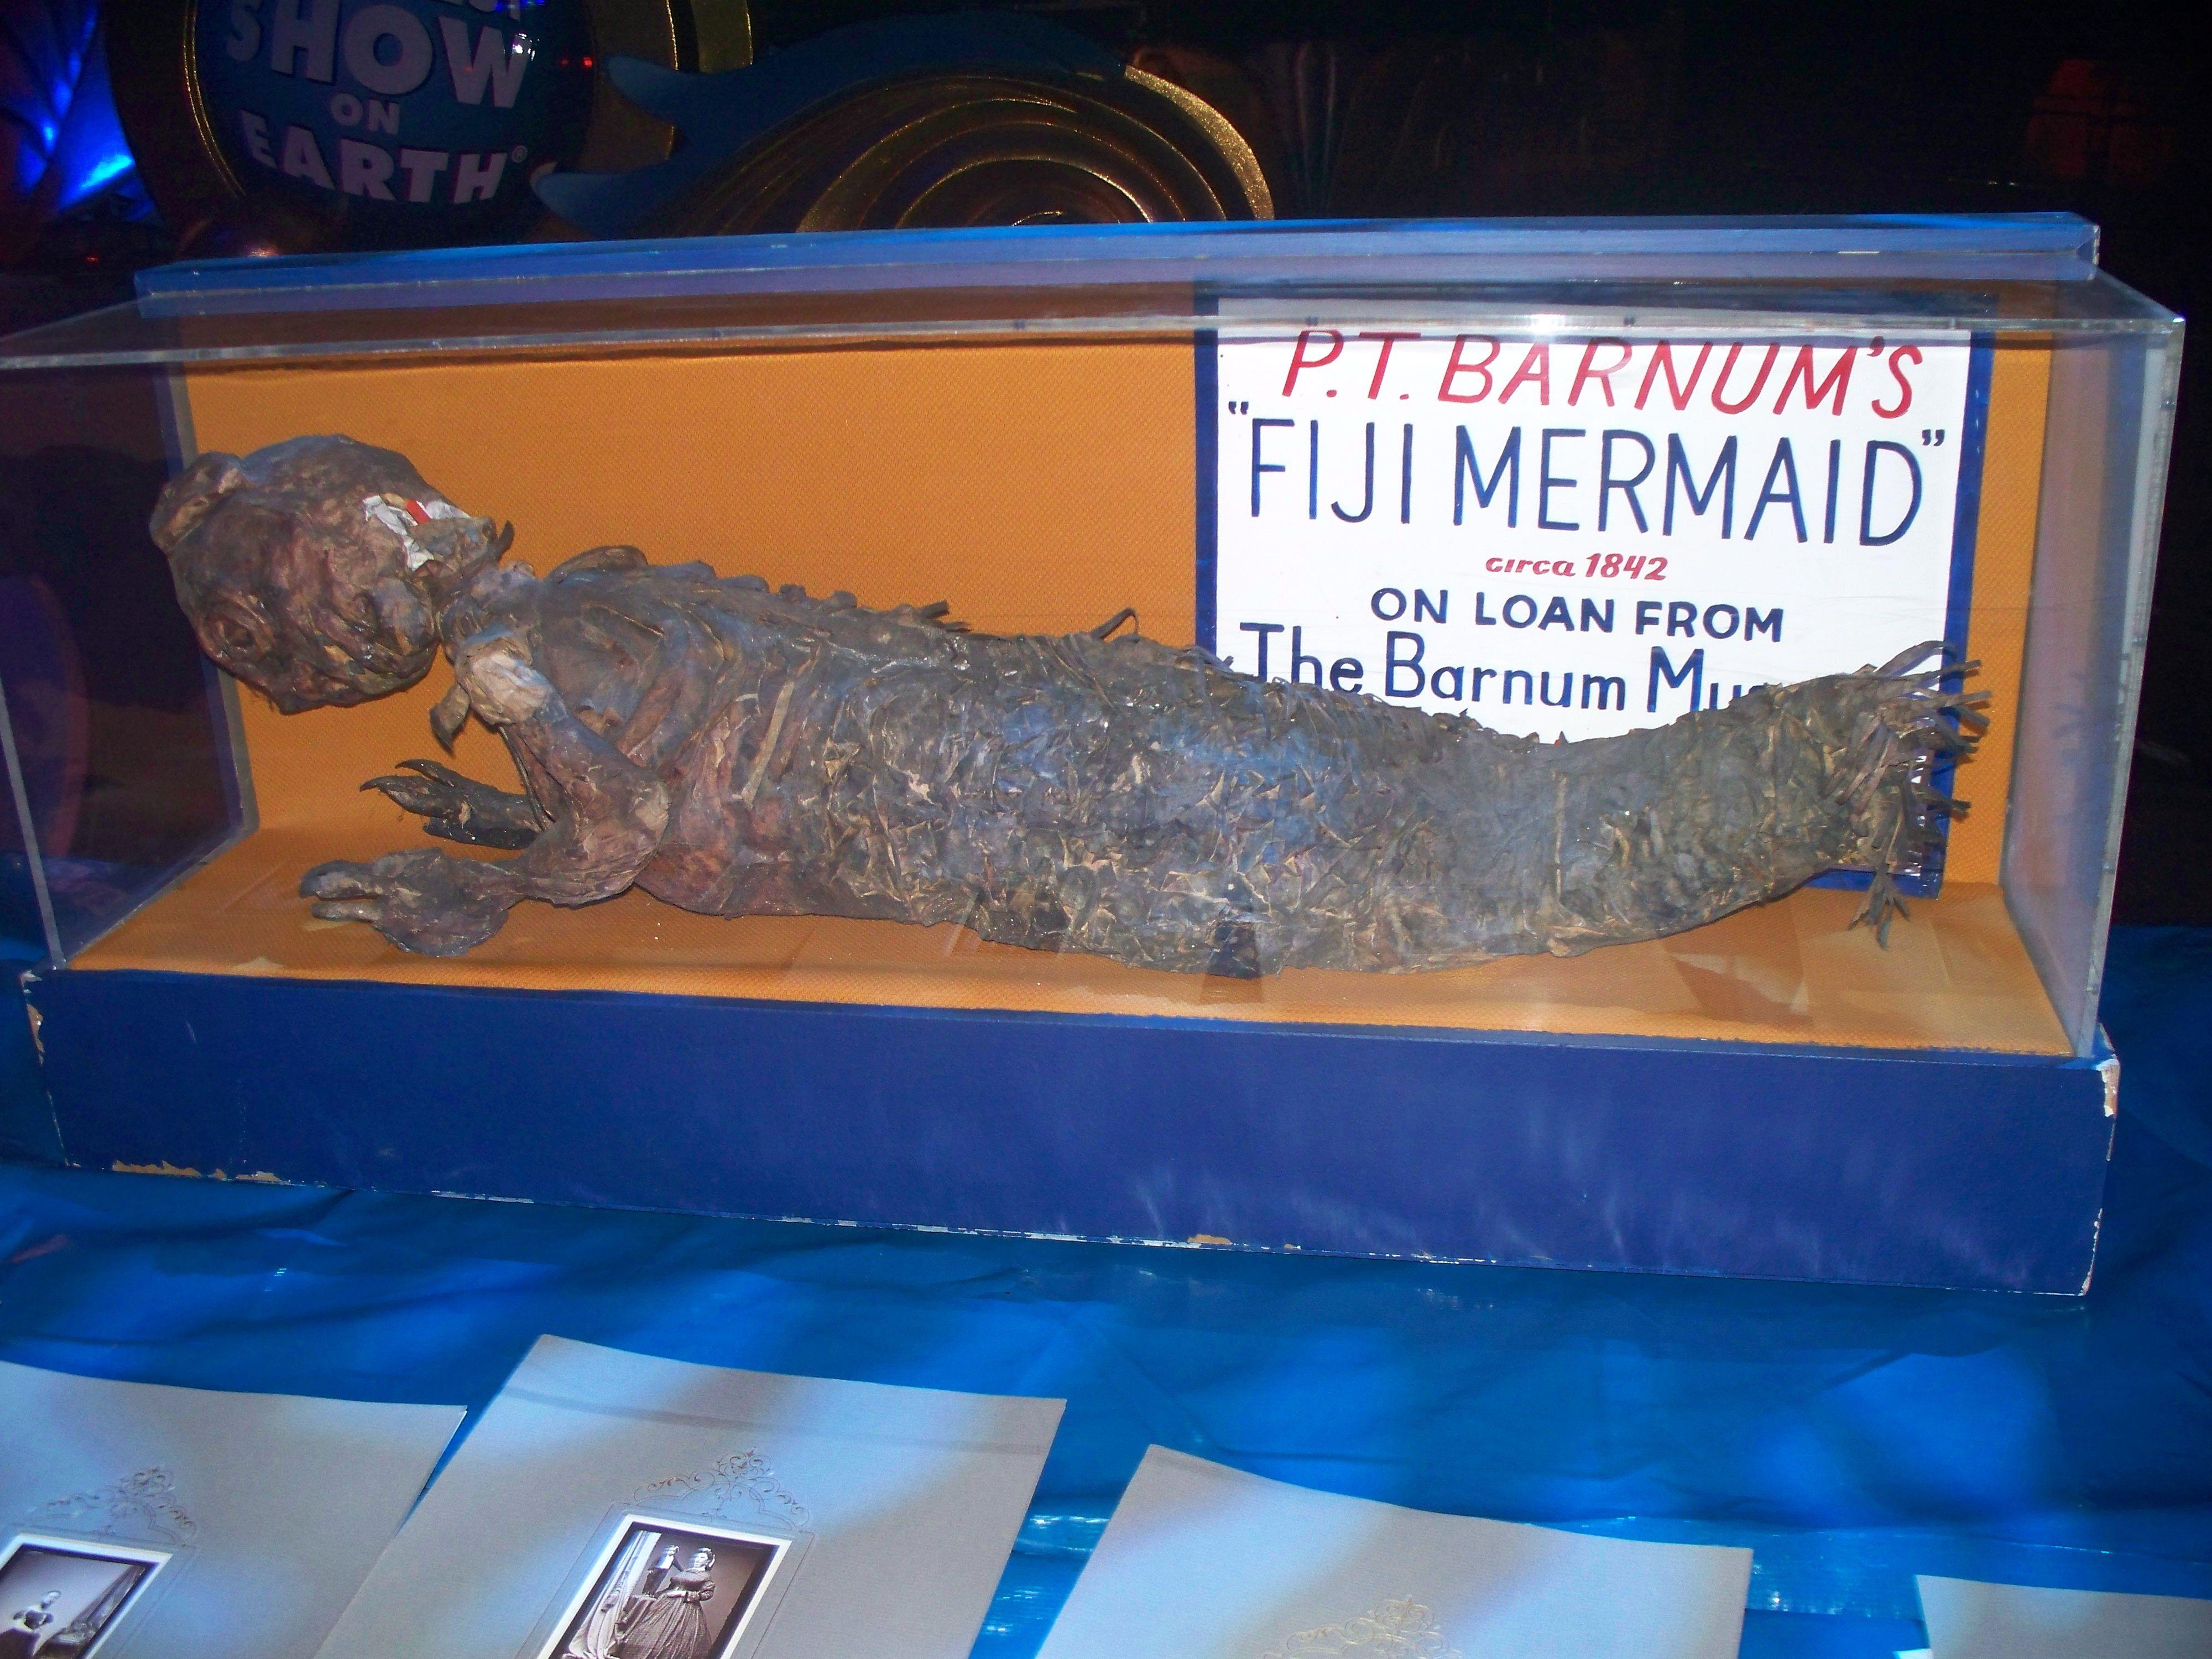 P T Barnum S Original Fiji Mermaid Mermaids In 2019